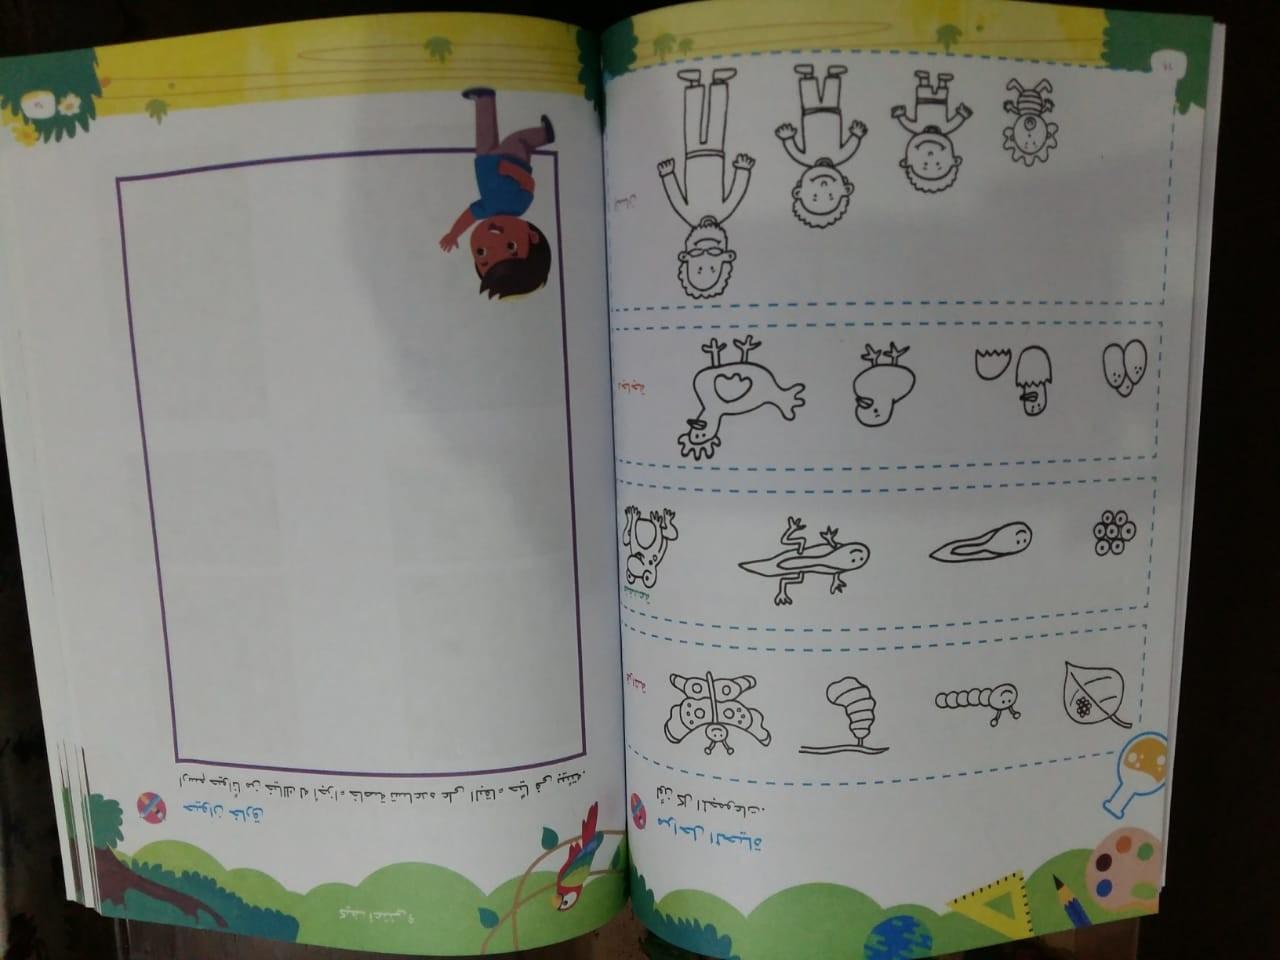 منهج رياض الأطفال الجديد (26)